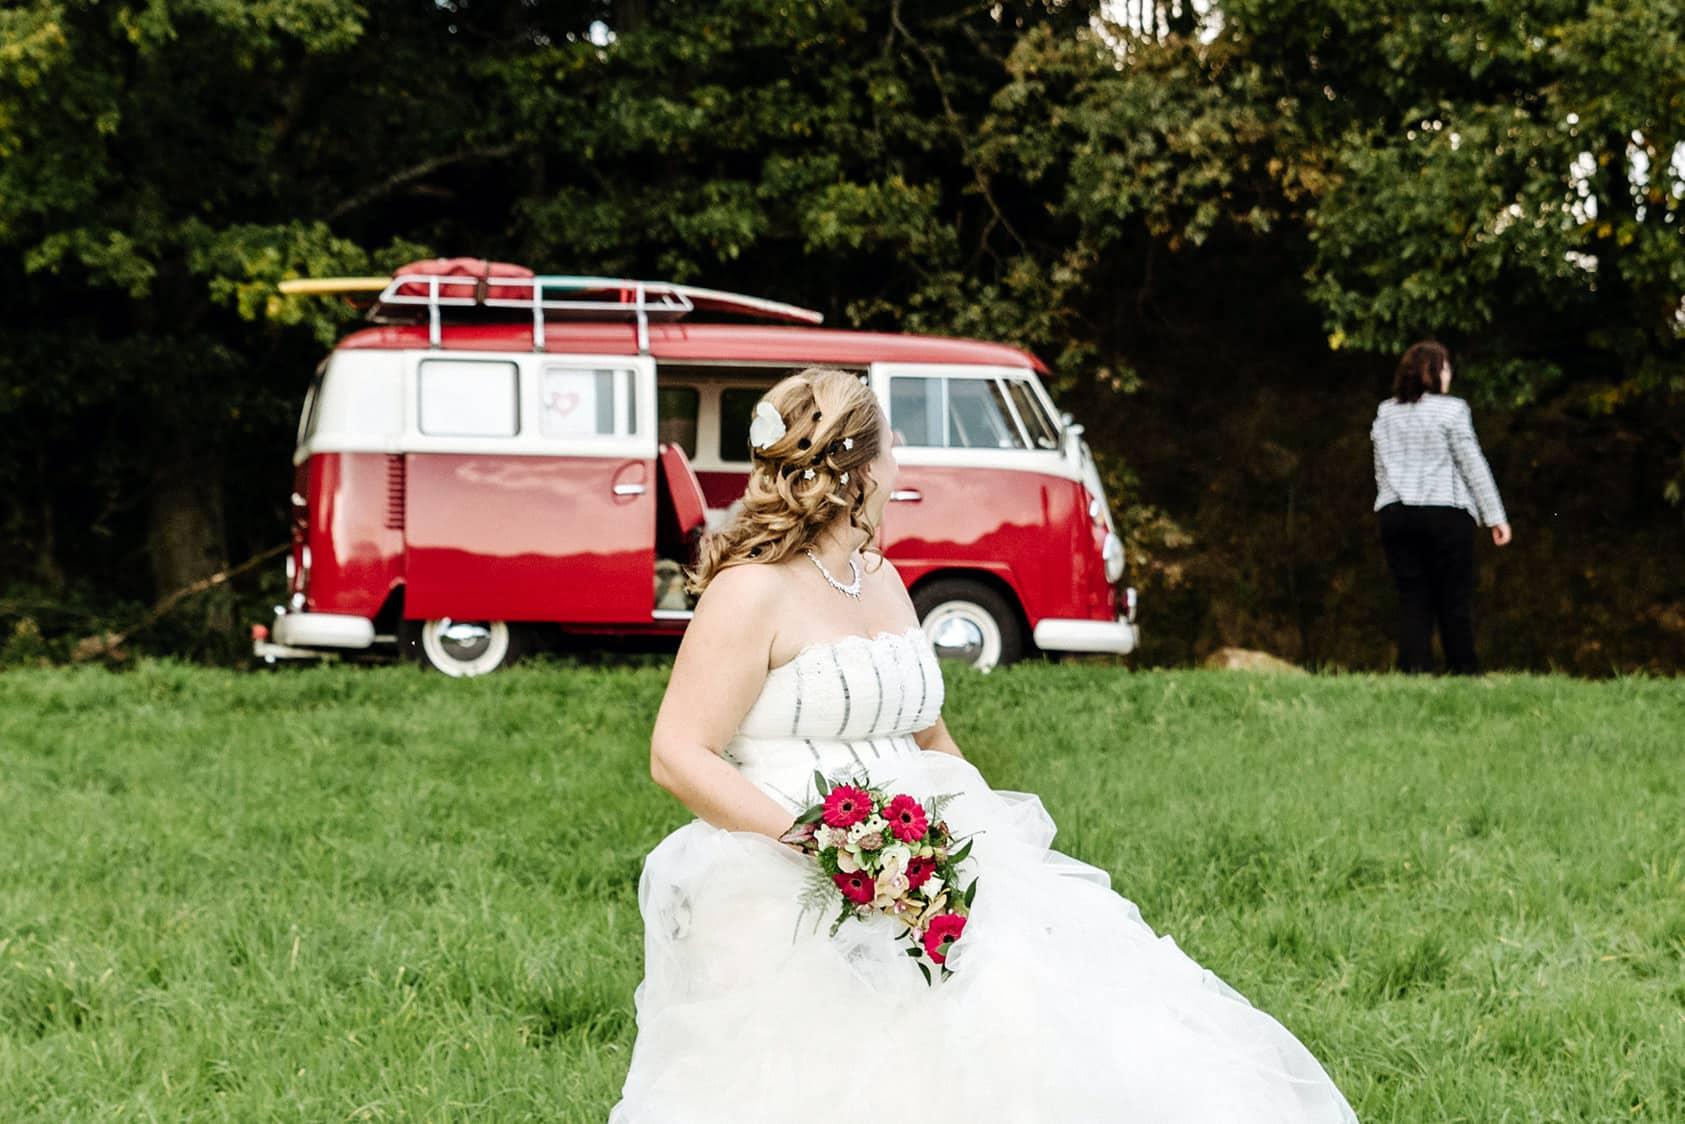 Hochzeitsreportage-Darmstadt-Almhochzeit-Hochzeitsfotograf-Bullihochzeit-Pinetree-Photography-Katharina-zwerger